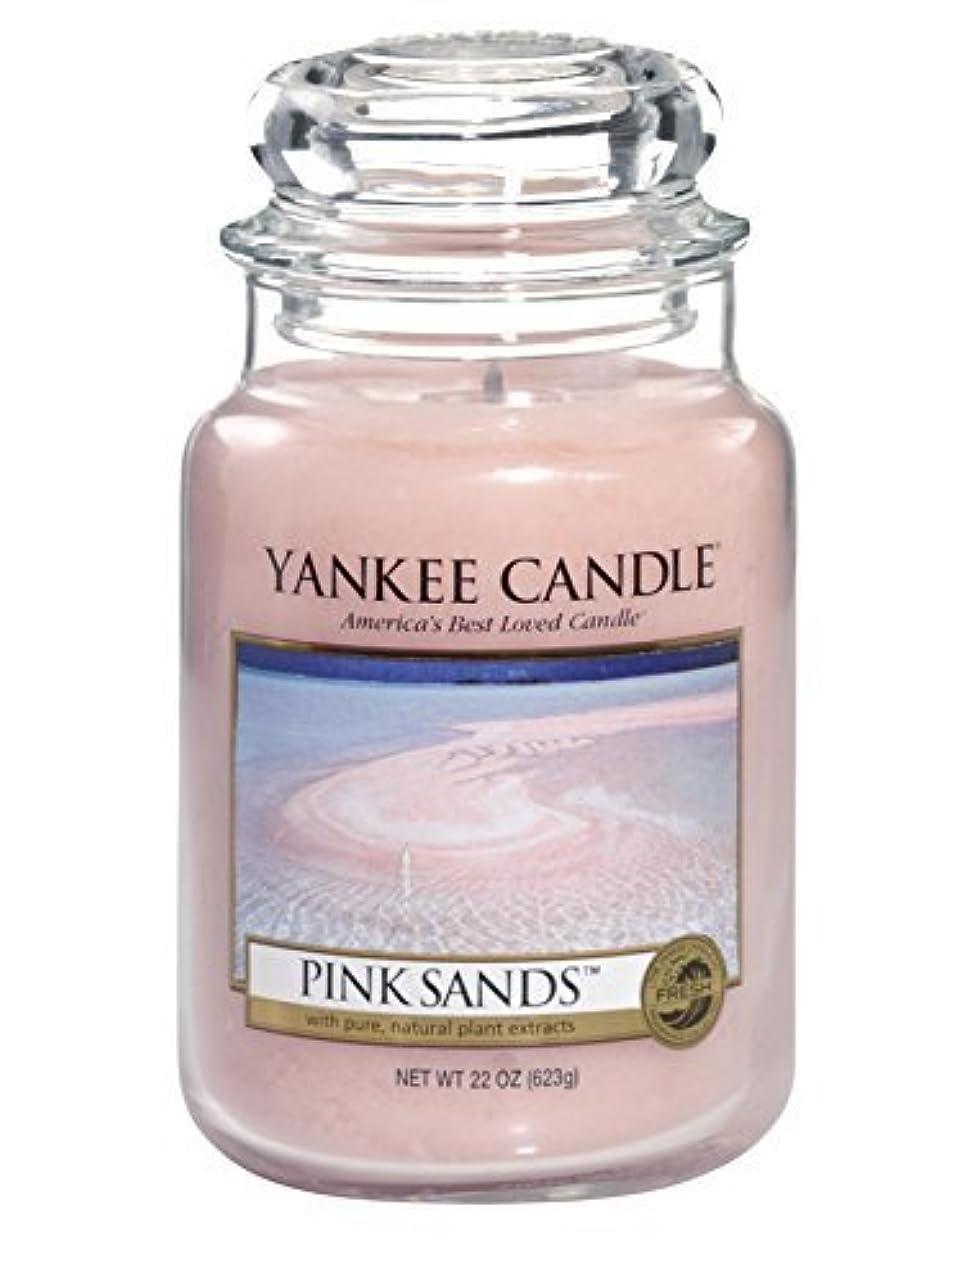 友情データベースイタリアのYankee Candle Pink Sands Large Jar 22oz Candle by Amazon source [並行輸入品]